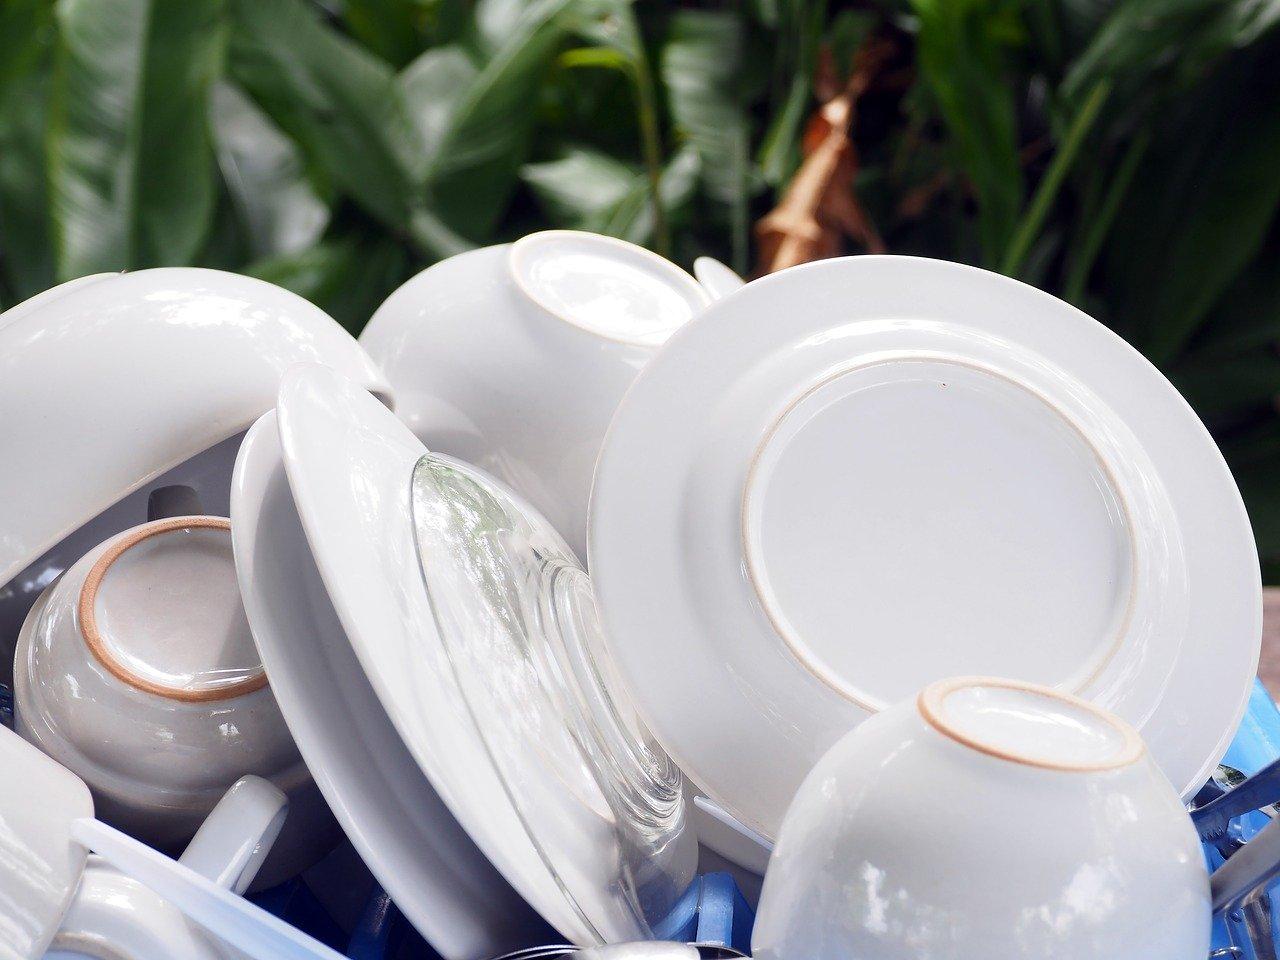 Ohne Abtropfgestell dauert das trocknen um einiges länger, da das Geschirr oft übereinander liegt und zusätzlich schlecht belüftet wird.